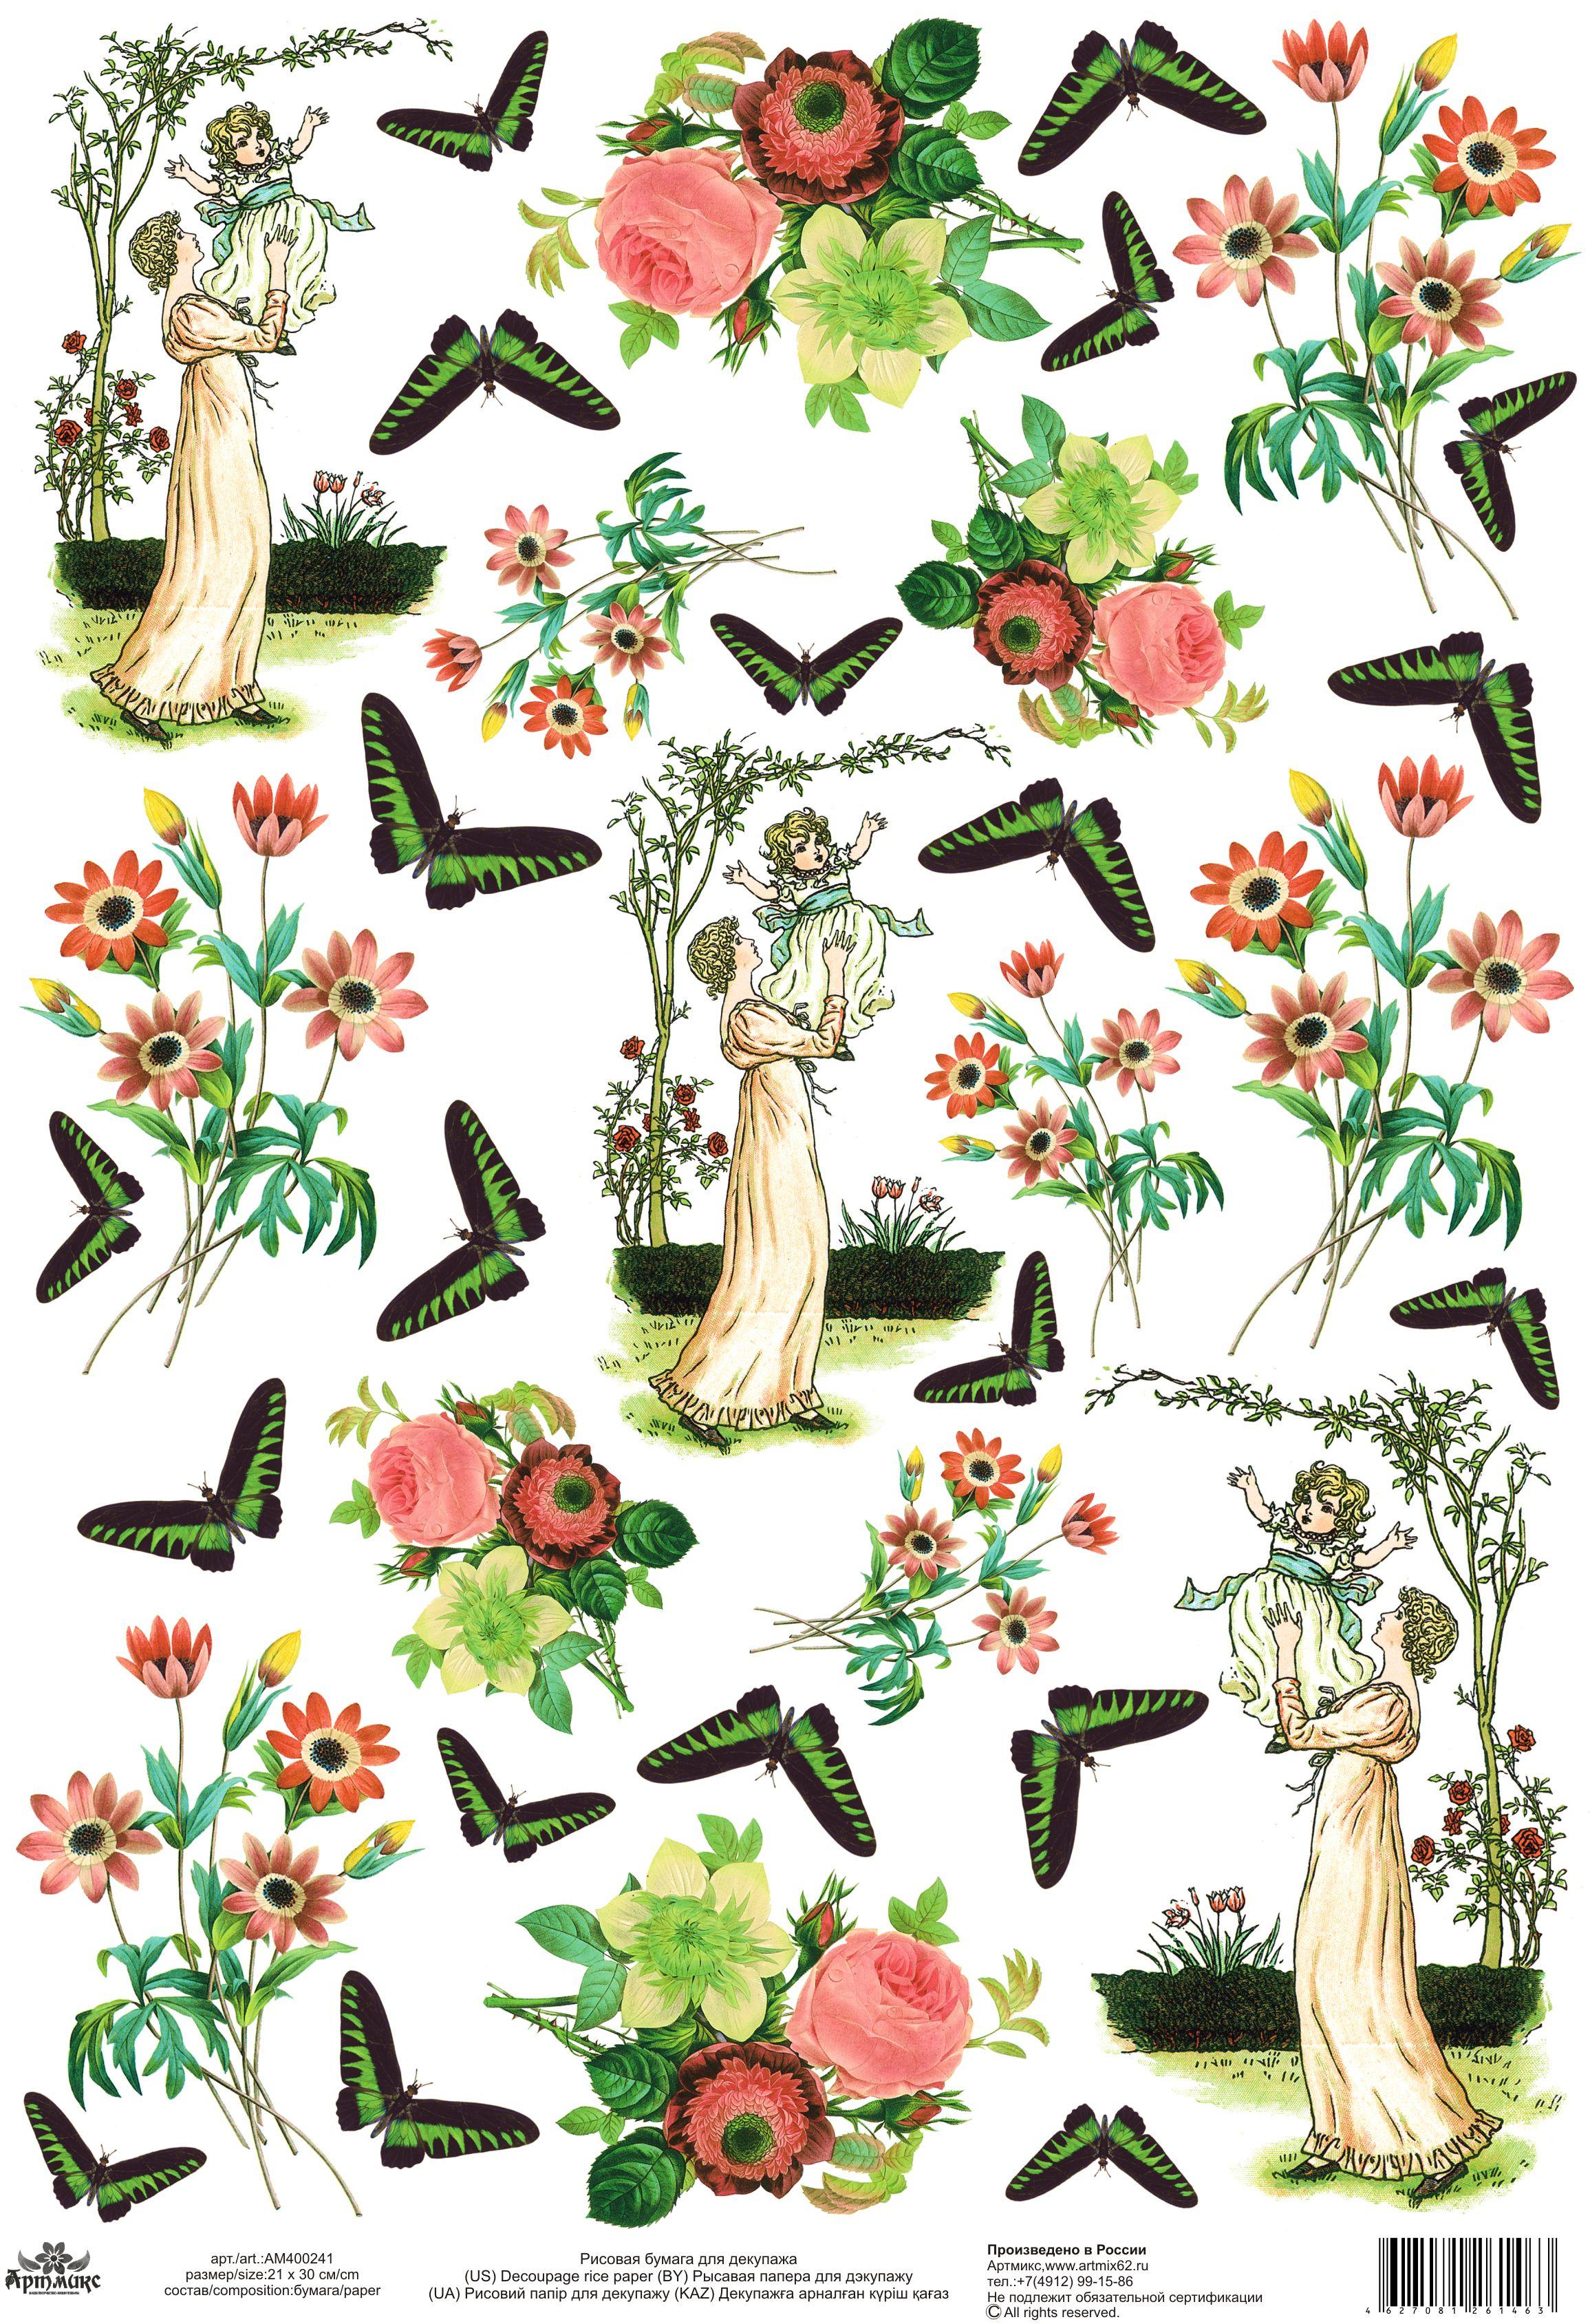 Рисовая бумага для декупажа Бабочки, цветы, мама с ребенком, 21 х 30 смAM400241Рисовая бумага для декупажа Бабочки, цветы, мама с ребенком - мягкая бумага с выраженной волокнистой структурой легко повторяет форму любых предметов. При работе с этой бумагой вам не потребуется никакой дополнительной подготовки перед началом работы. Вы просто вырезаете или вырываете нужный фрагмент, и хорошо проклеиваете бумагу на поверхности изделия. Рисовая бумага для декупажа идеально подходит для стекла. В отличие от салфеток, при наклеивании декупажная бумага практически не рвется и совсем не растягивается. Клеить ее можно как на светлую, так и на темную поверхность. Для новичков в декупаже - это очень удобно и гарантируется хороший результат. Поверхность, на которую будет клеиться декупажная бумага, подготавливают точно так же, как и для наклеивания салфеток, распечаток и т.д. Мотив вырезаем точно по контуру и замачиваем в емкости с водой, обычно не больше чем на одну минуту, чтобы он полностью впитал воду. Вынимаем и промакиваем бумажным или обычным полотенцем с двух сторон. Равномерно наносим клей на оборотную сторону фрагмента, и на поверхность предмета, с которым работаем. Прикладываем мотив на поверхность и сверху промазываем кистью с клеем легкими нажатиями, стараемся избавиться от пузырьков воздуха, как бы выдавливая их. Делать это нужно от середины к краям мотива. Оставляем работу сушиться. После того, как работа высохнет, нужно покрыть ее лаком.Декупаж - техника декорирования различных предметов, основанная на присоединении рисунка, картины или орнамента (обычного вырезанного) к предмету, и, далее, покрытии полученной композиции лаком ради эффектности, сохранности и долговечности.